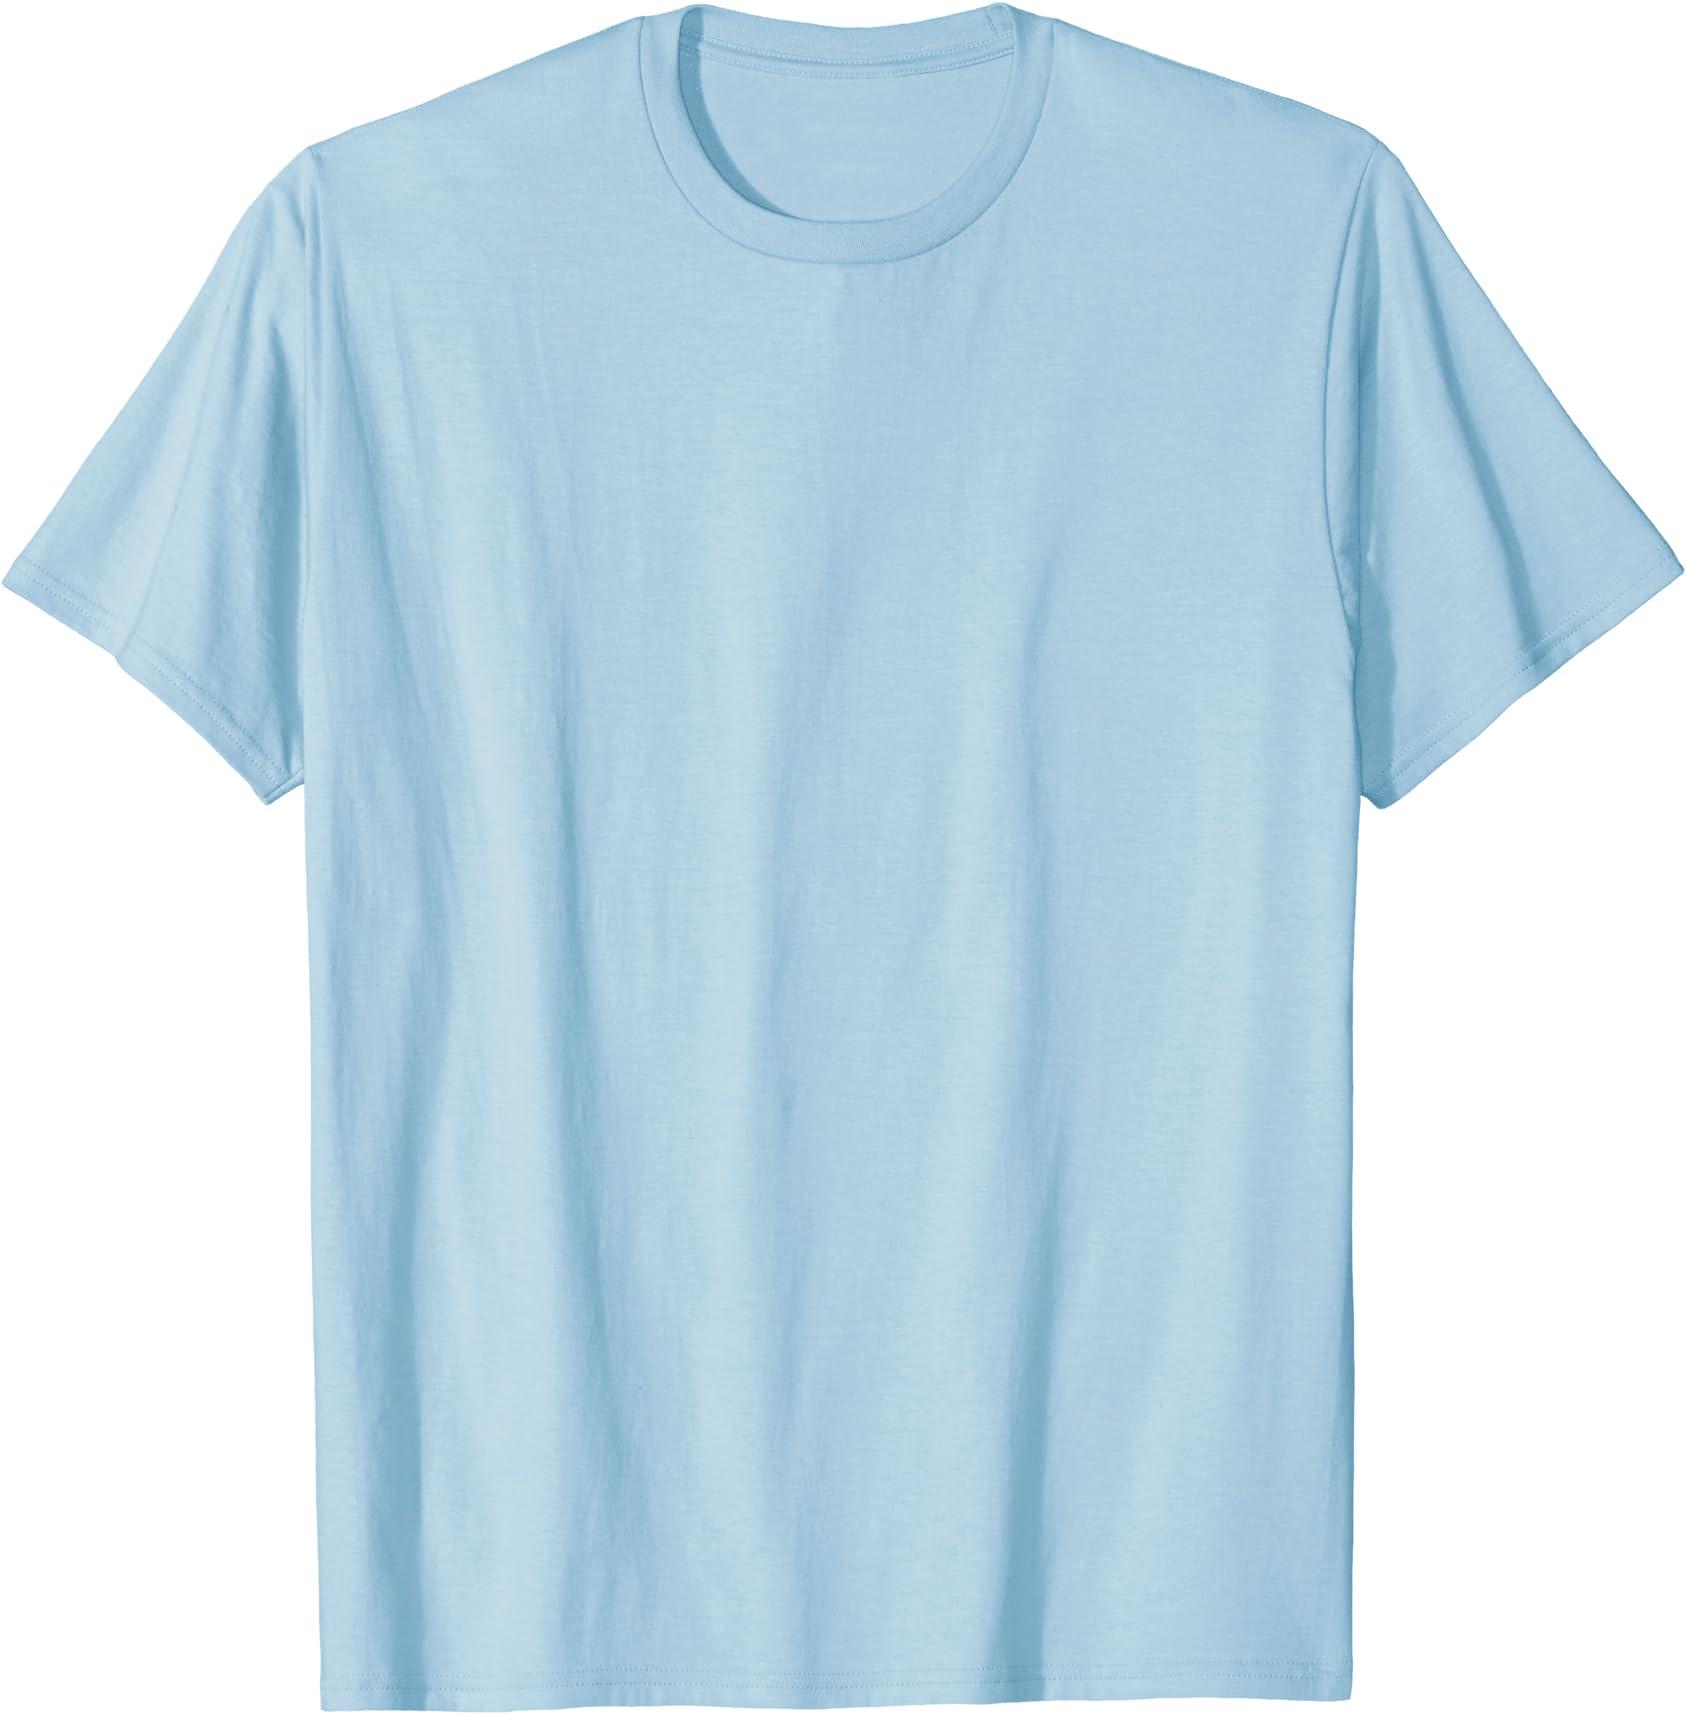 Goat T-Shirt Cartoon